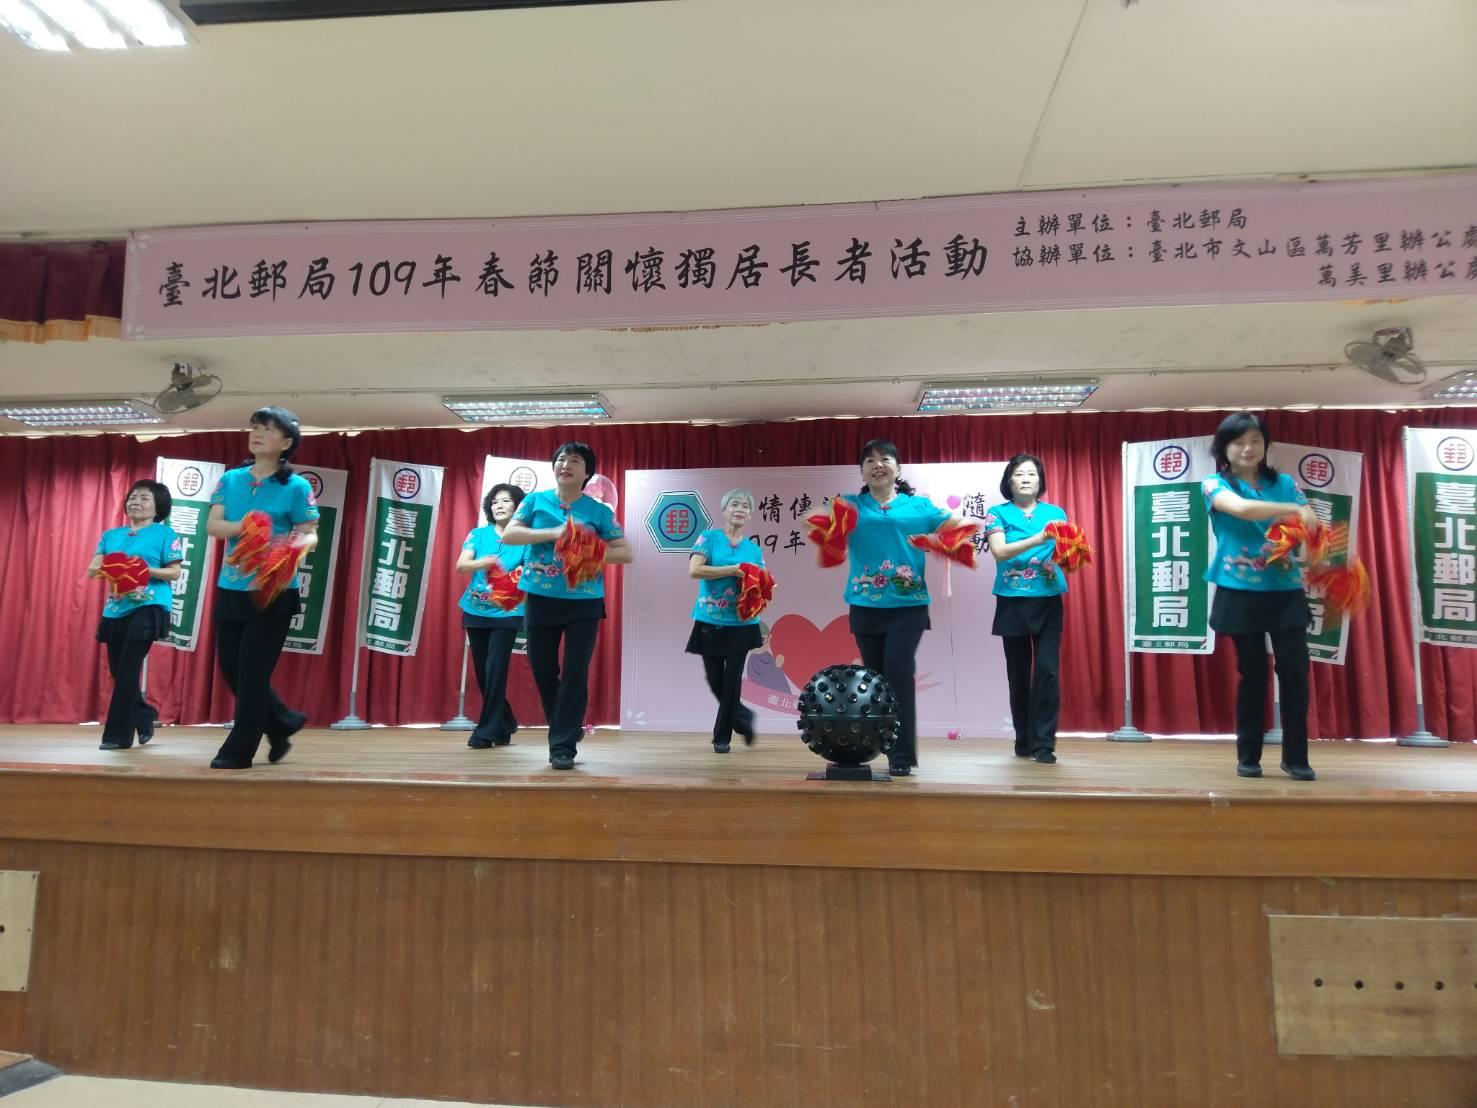 臺北郵局關懷獨居長者春節活動